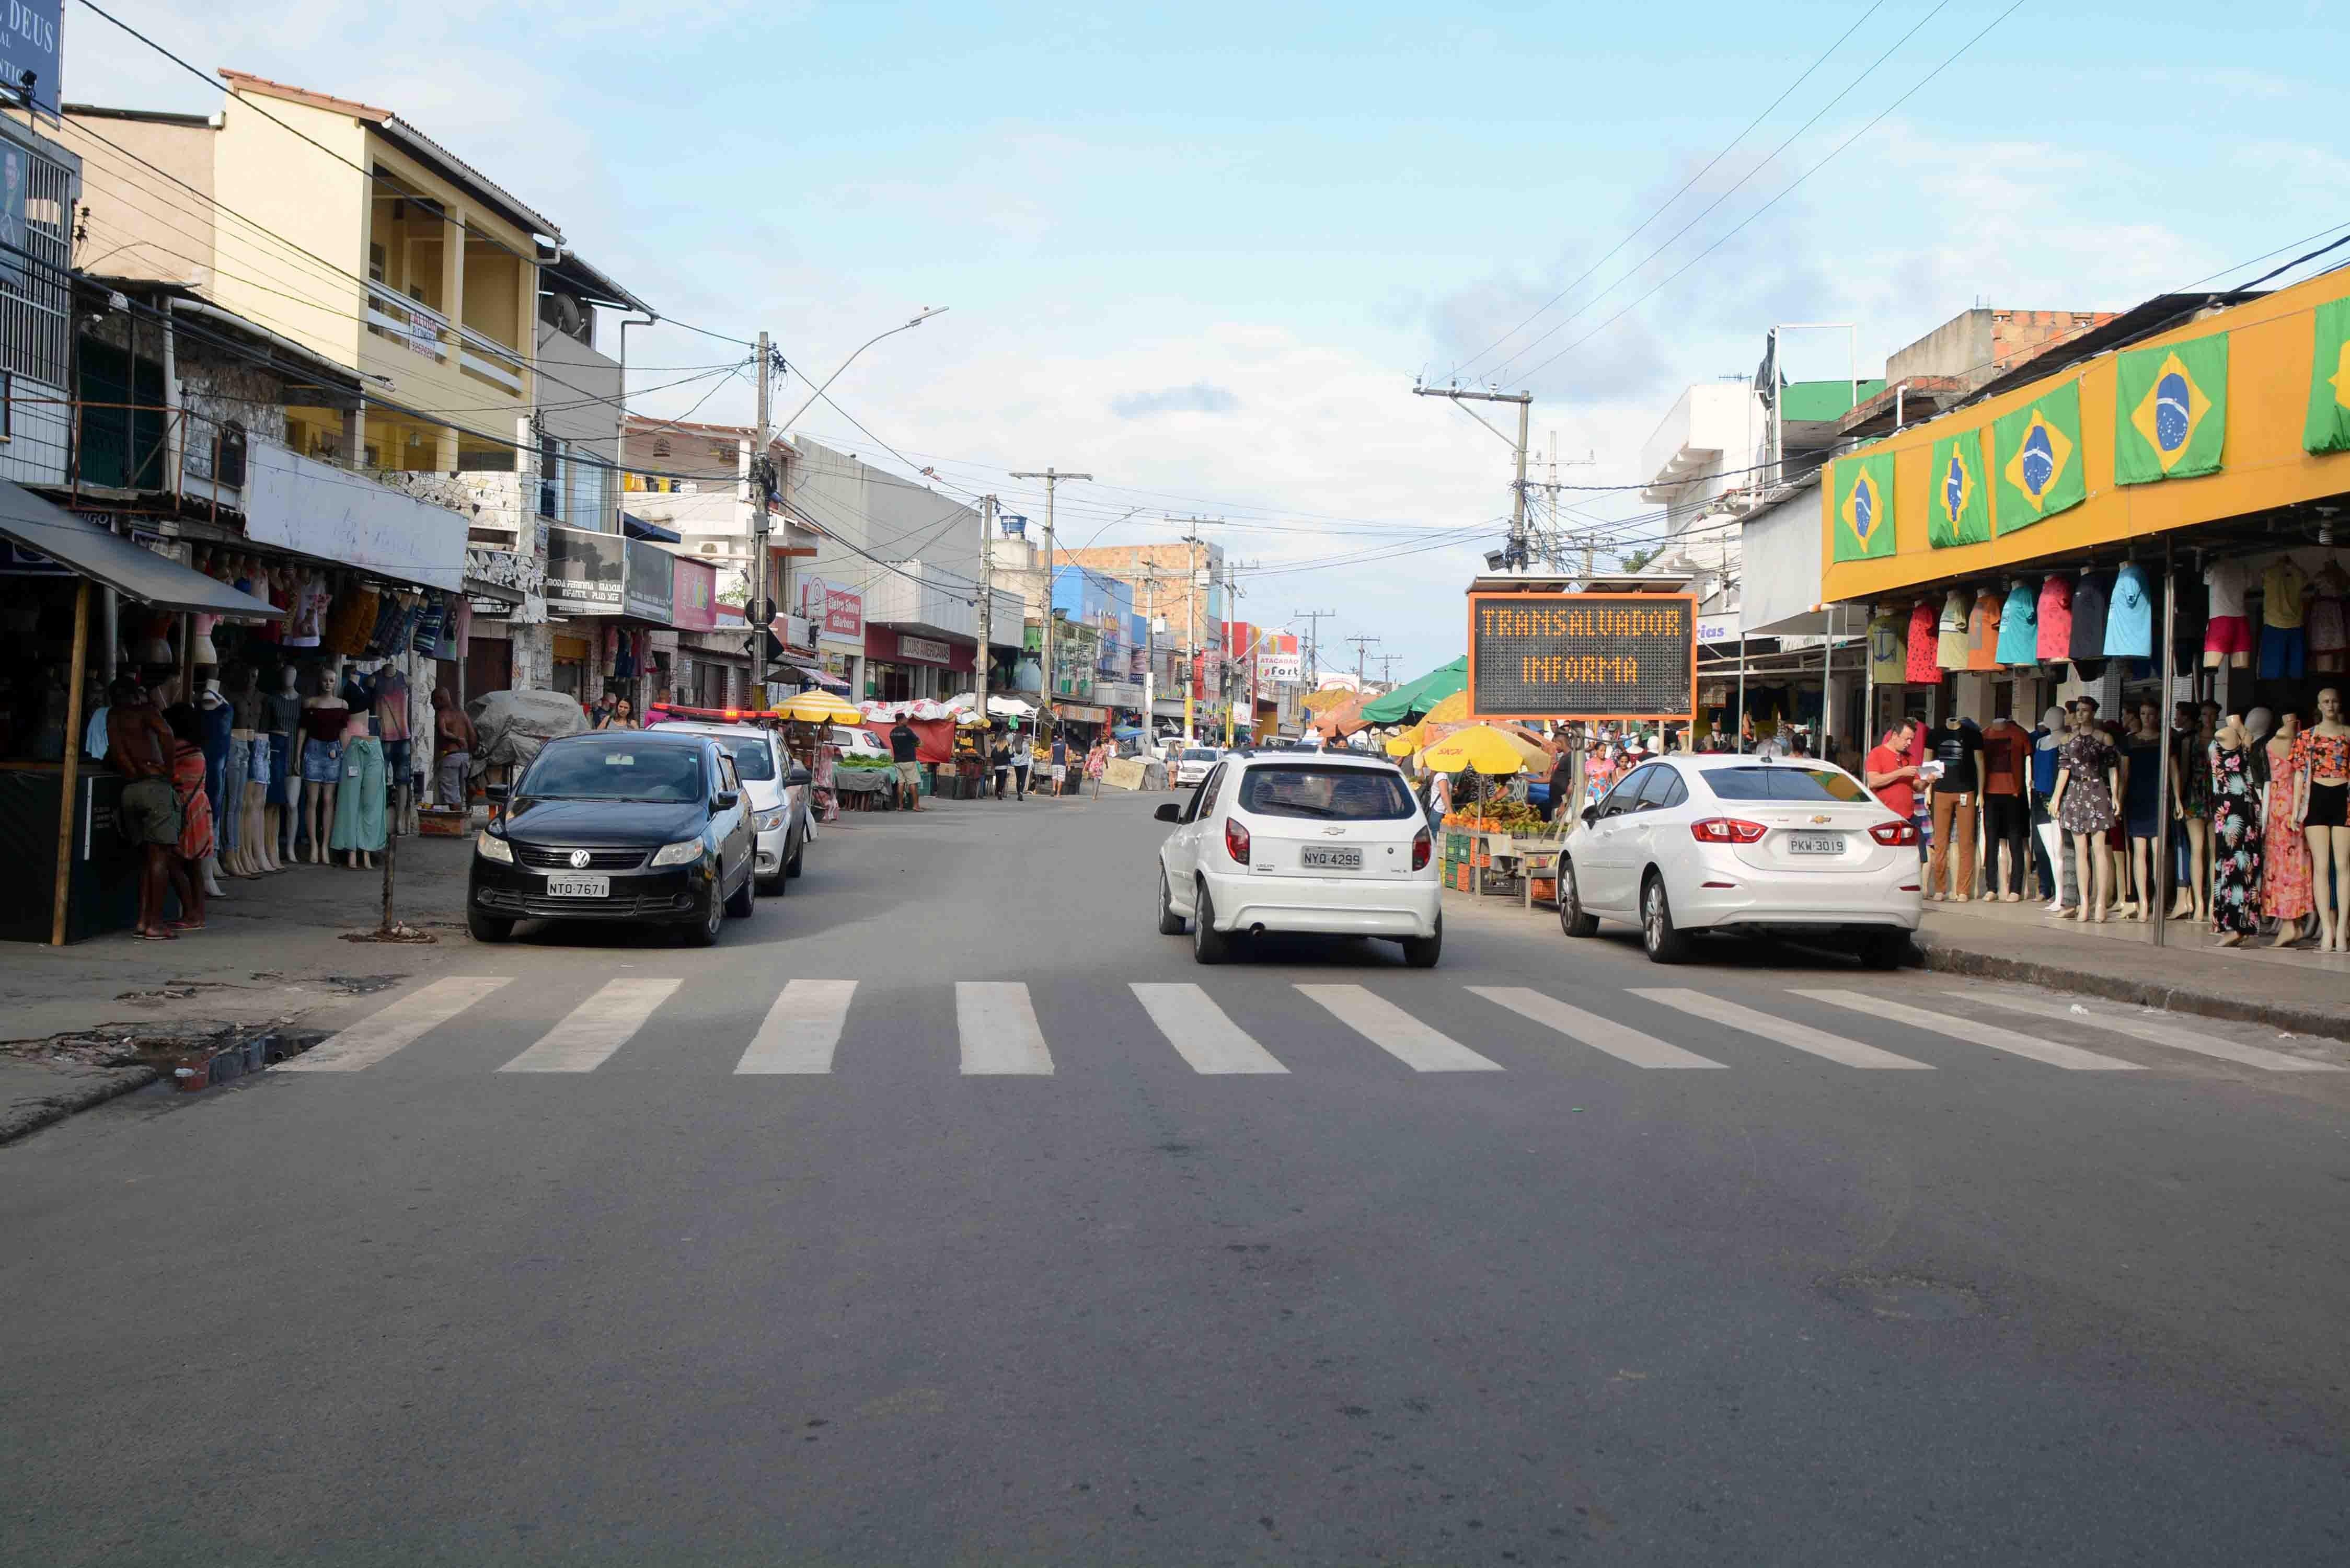 Trechos de ruas do bairro de São Cristóvão terão tráfego em mão única a partir de sábado; confira mudanças